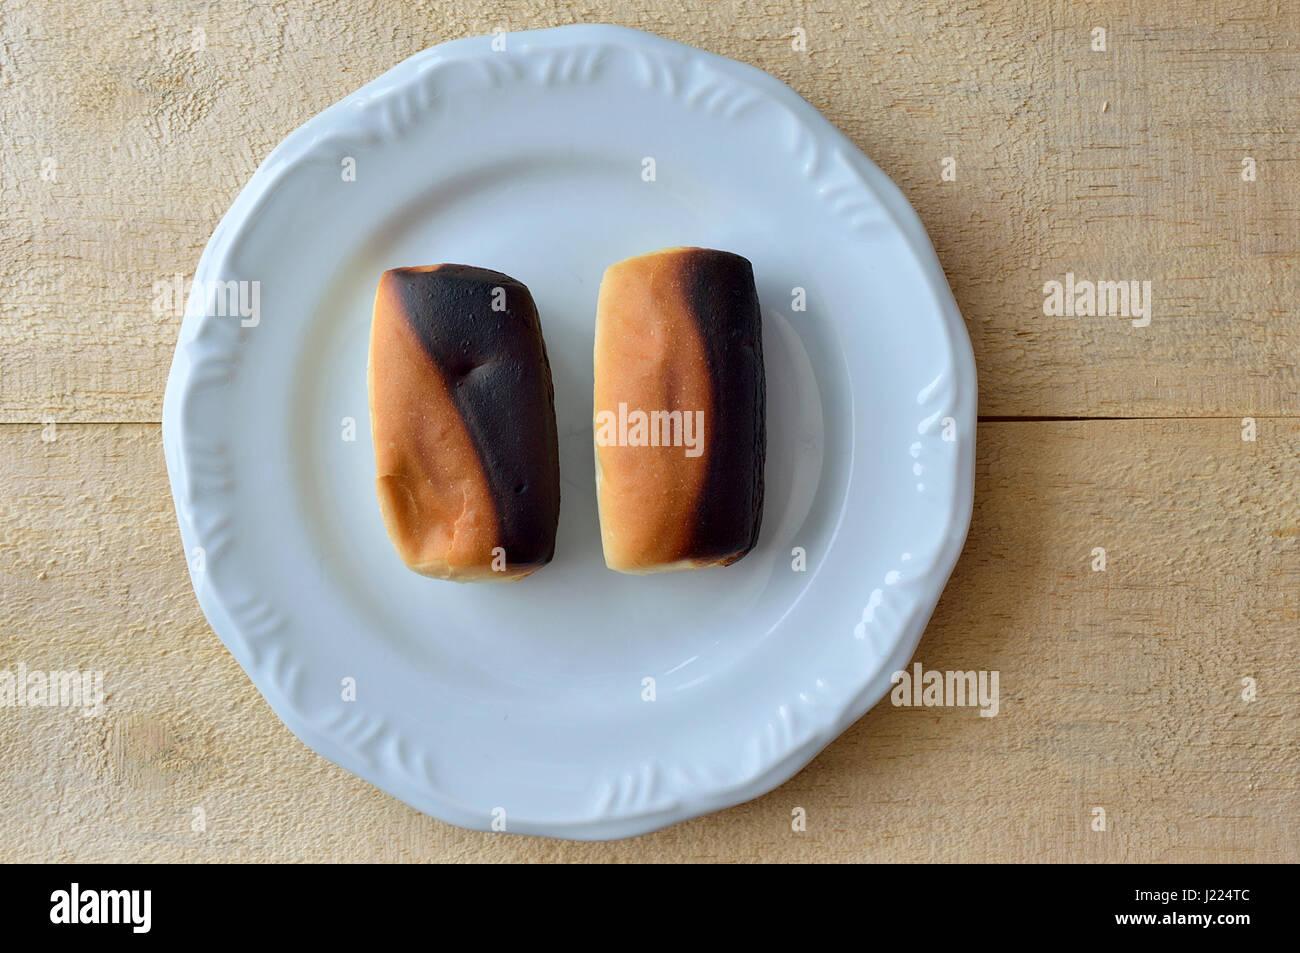 Zwei verbrannt Brote auf einem weißen Teller über eine hölzerne Tischplatte Stockbild